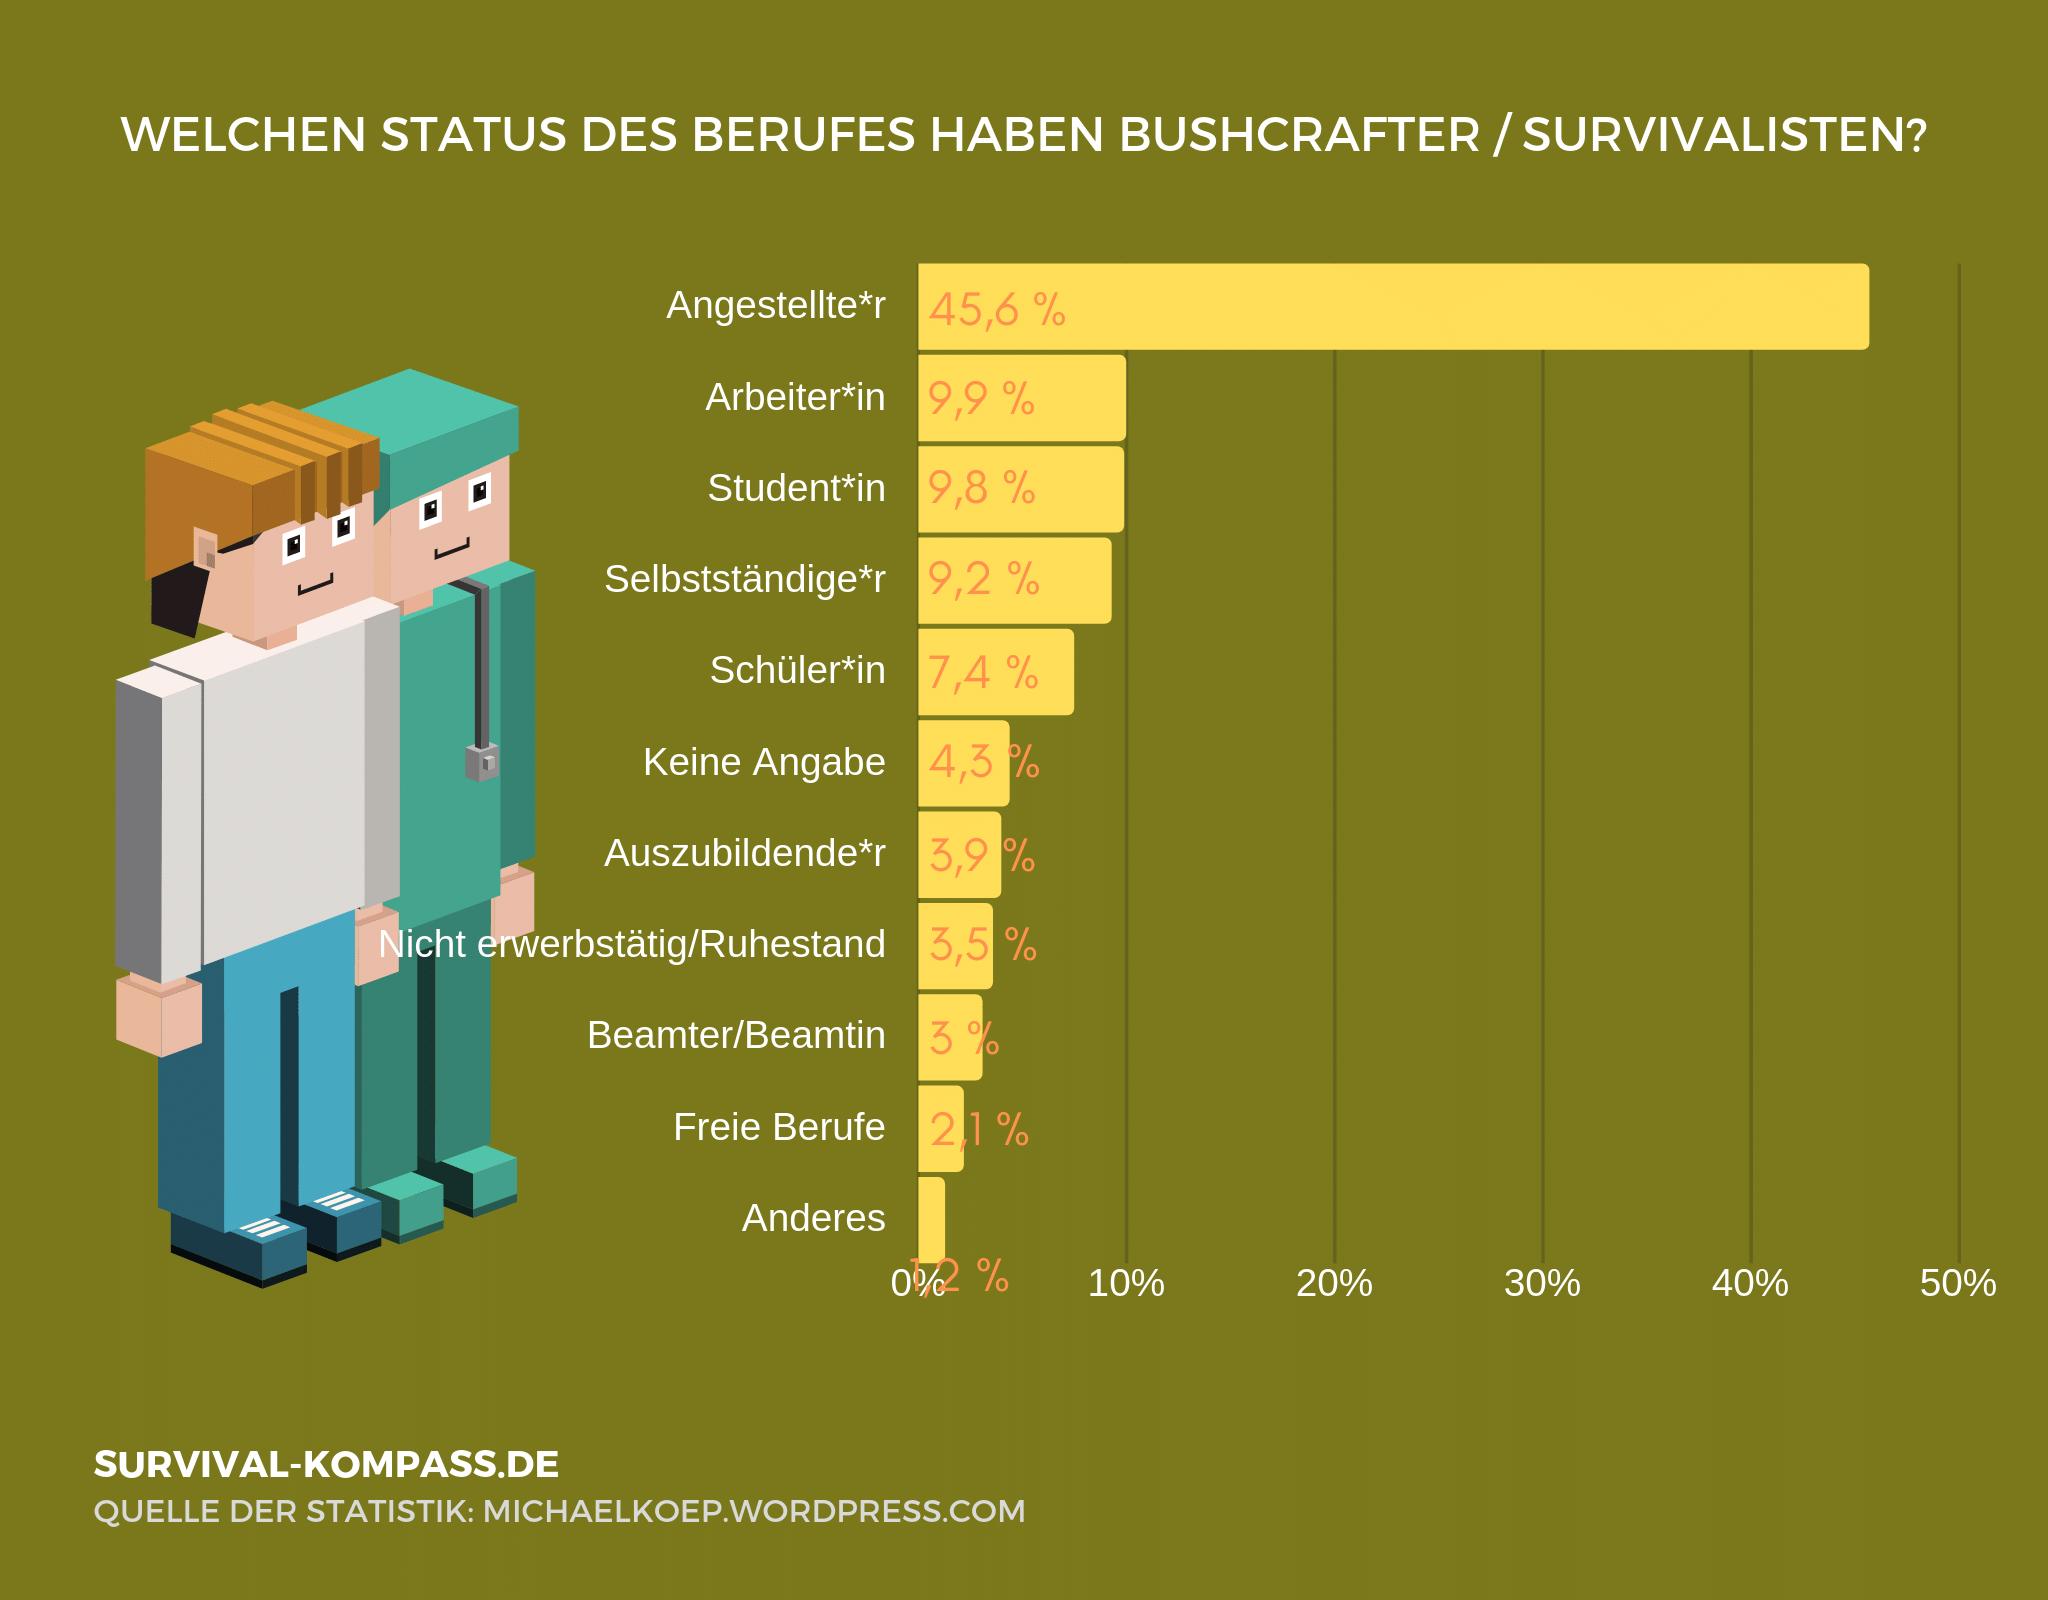 Die meisten Bushcrafter und Survivalisten sind Angestellte